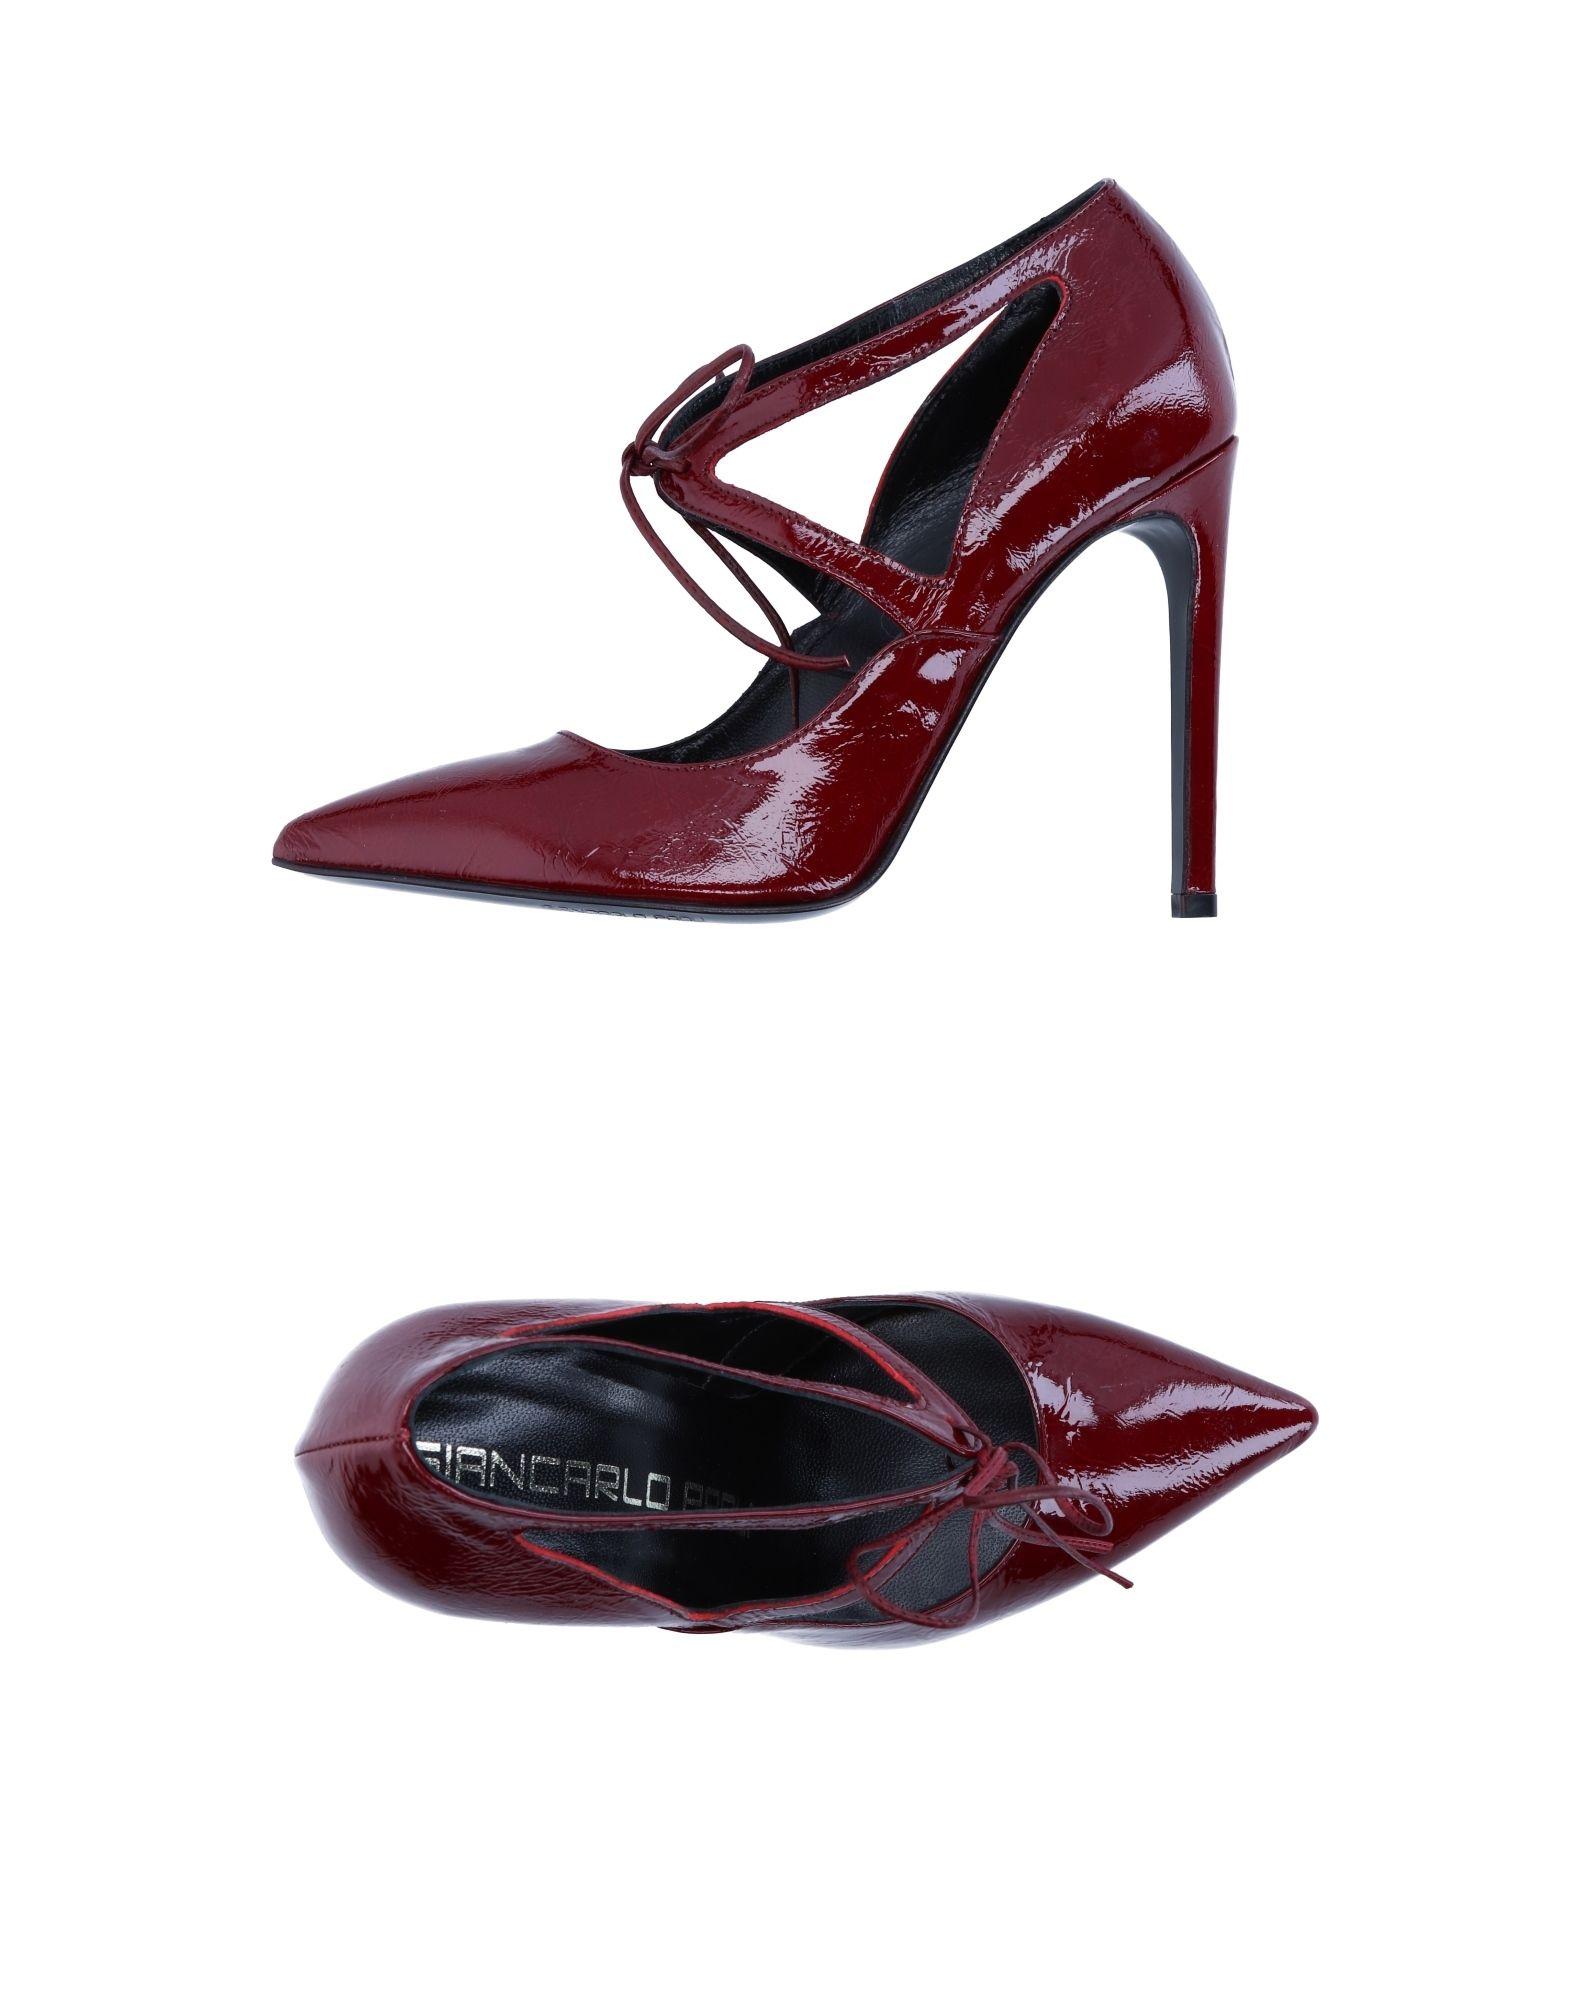 Giancarlo Paoli Pumps Damen beliebte  11278253EL Gute Qualität beliebte Damen Schuhe 279b3d